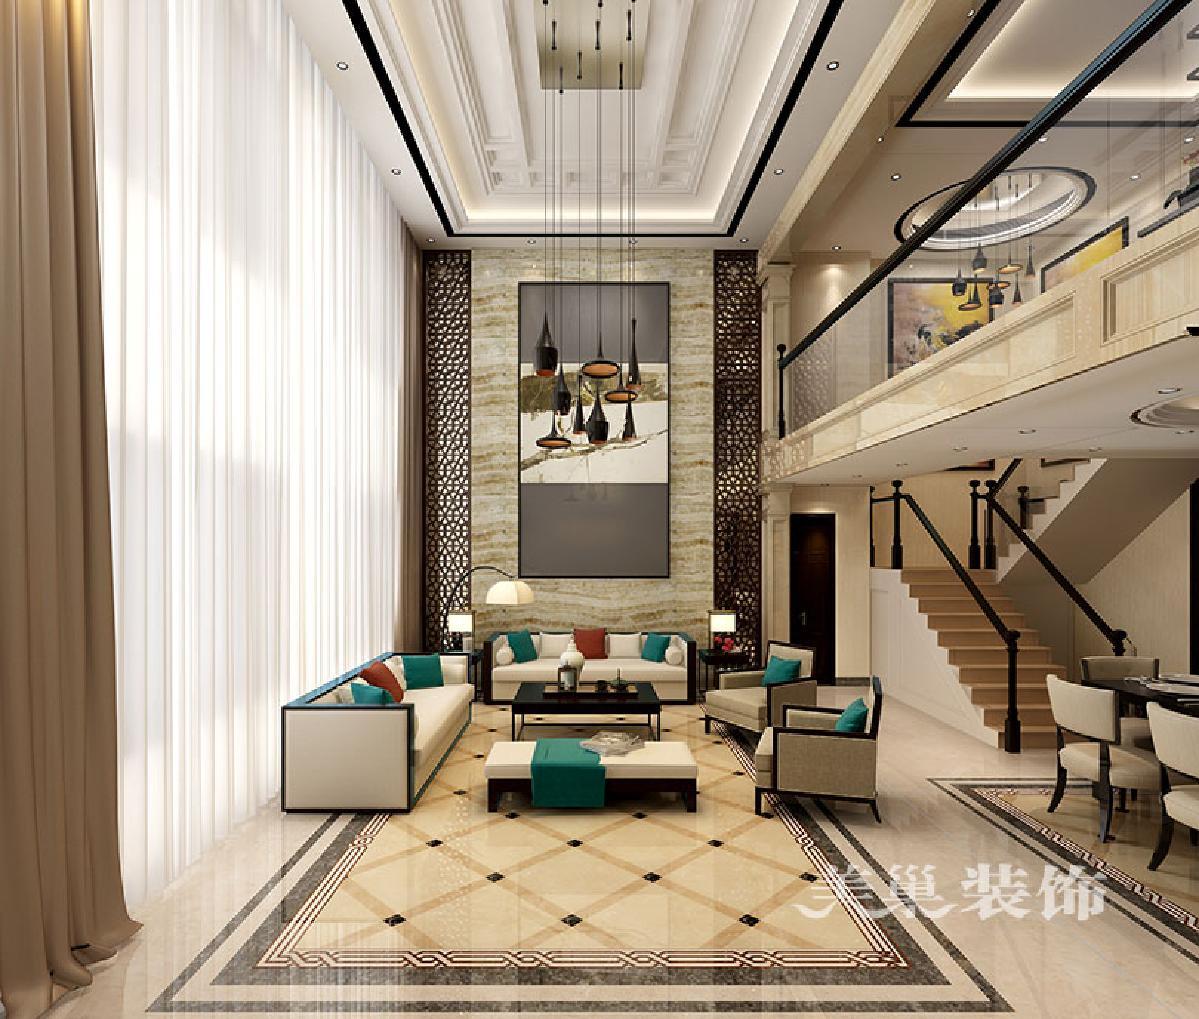 别墅新中式客厅装仹�b9��9f_普罗旺世龙之梦260平方别墅新中式会所:挑空客厅